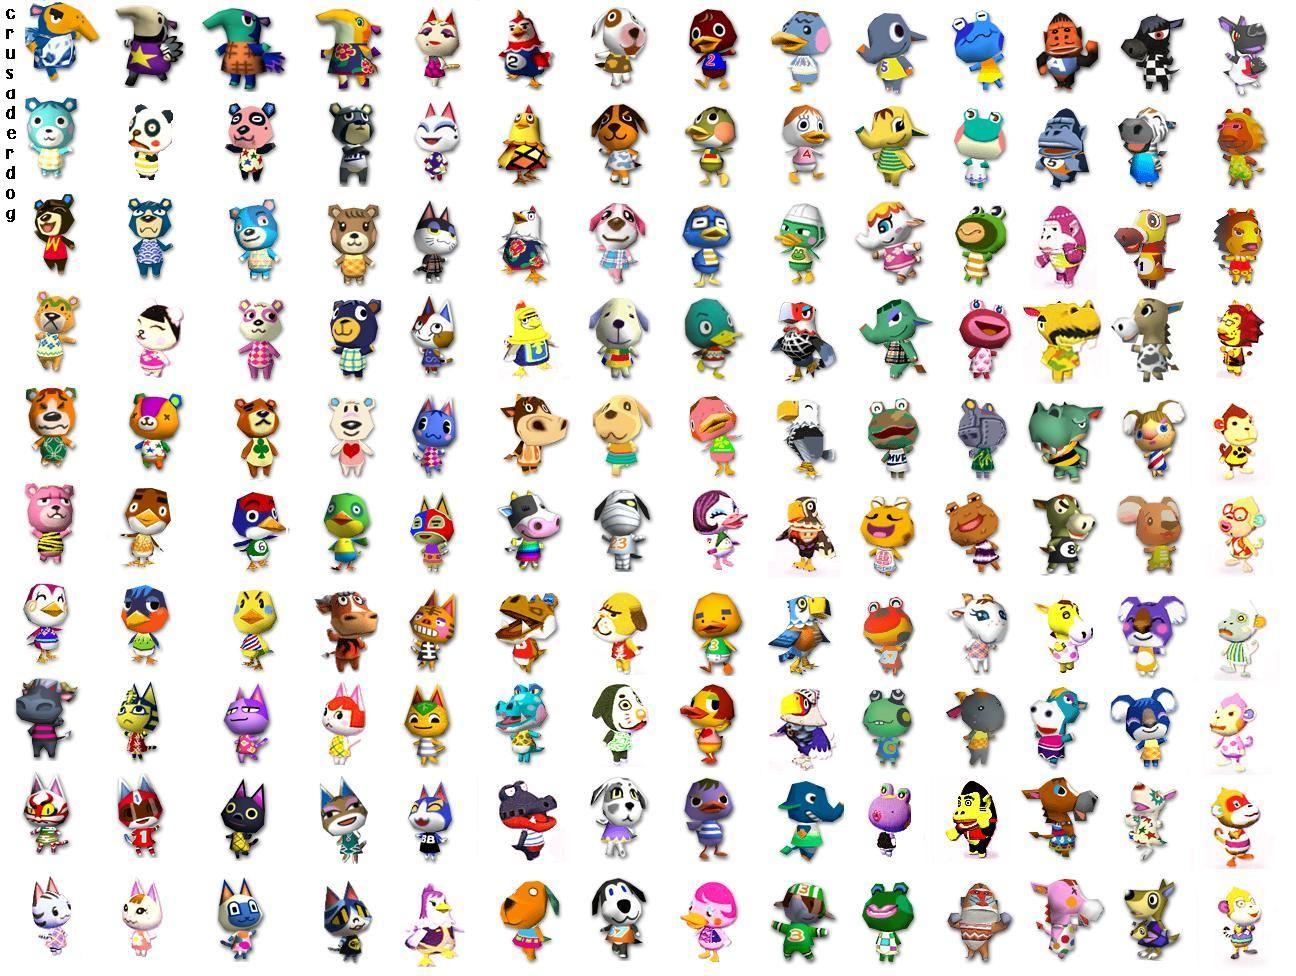 Animal Crossing Hairstyles Hairstyles Ideas Of 22 Original